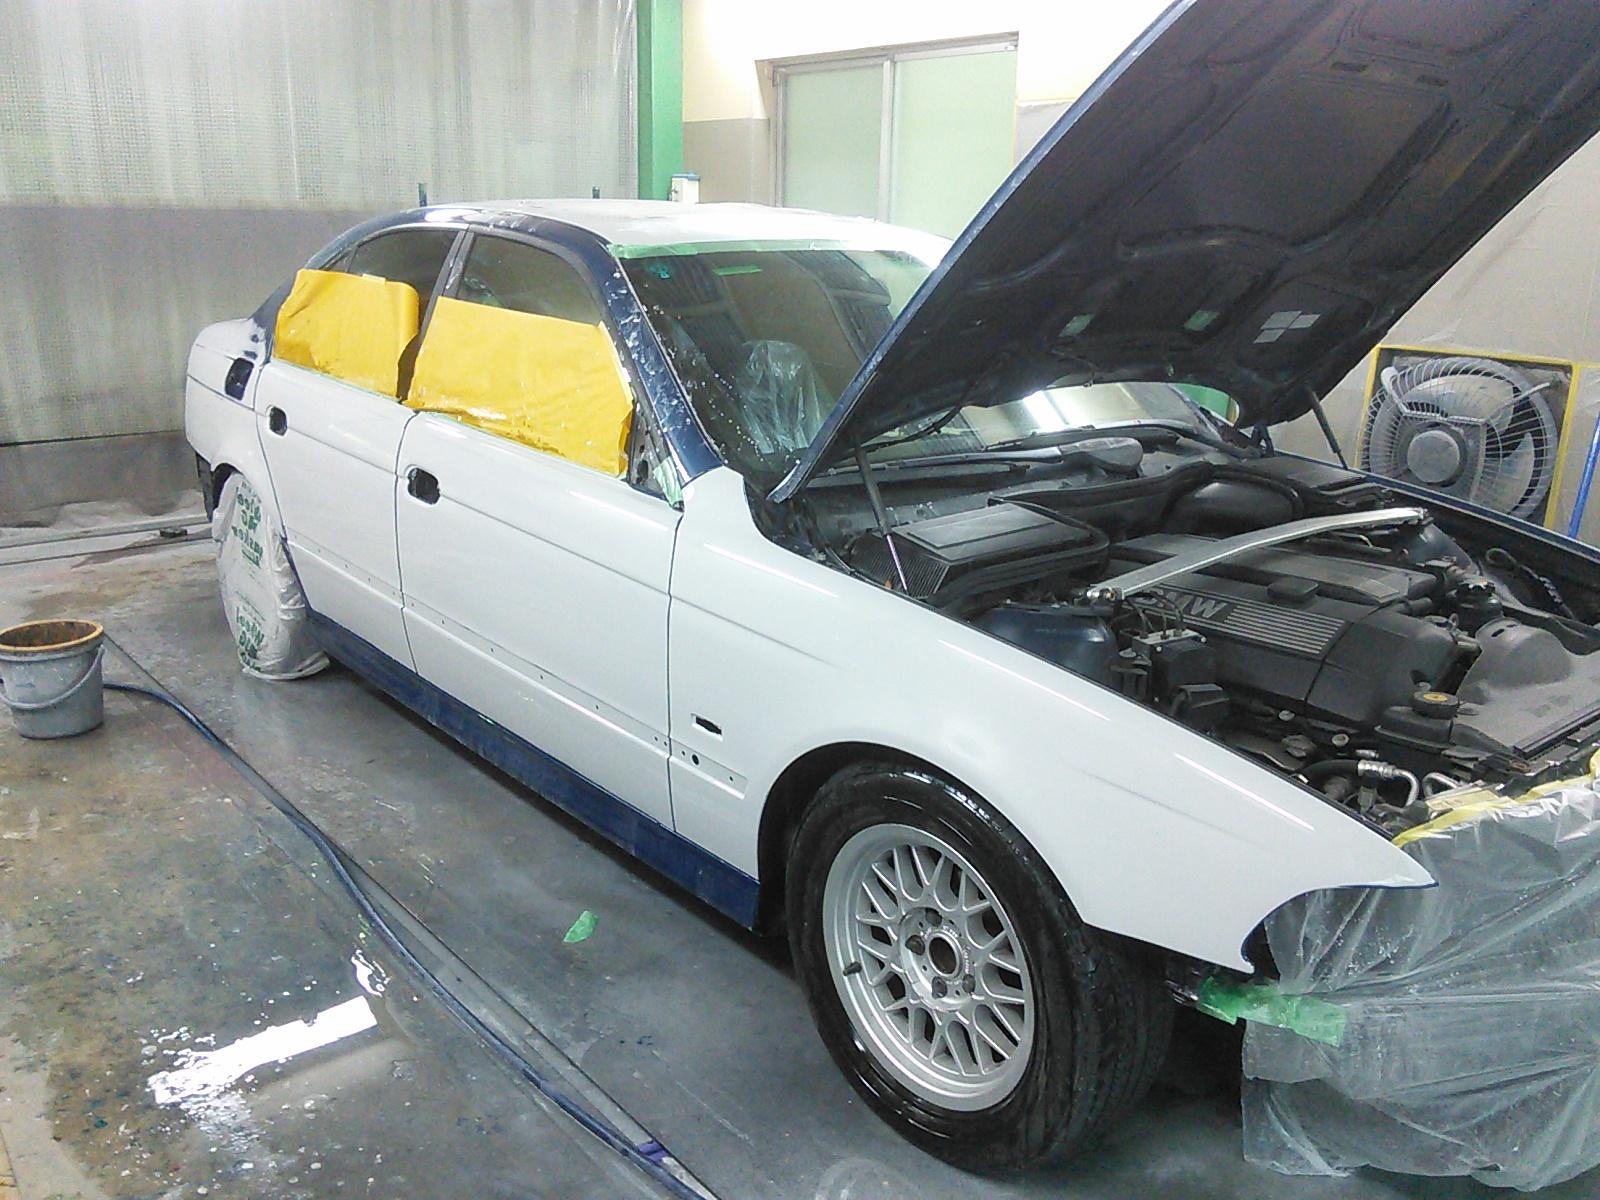 BMW  5シリーズ E39  全塗装 その3  豊田市  板金塗装